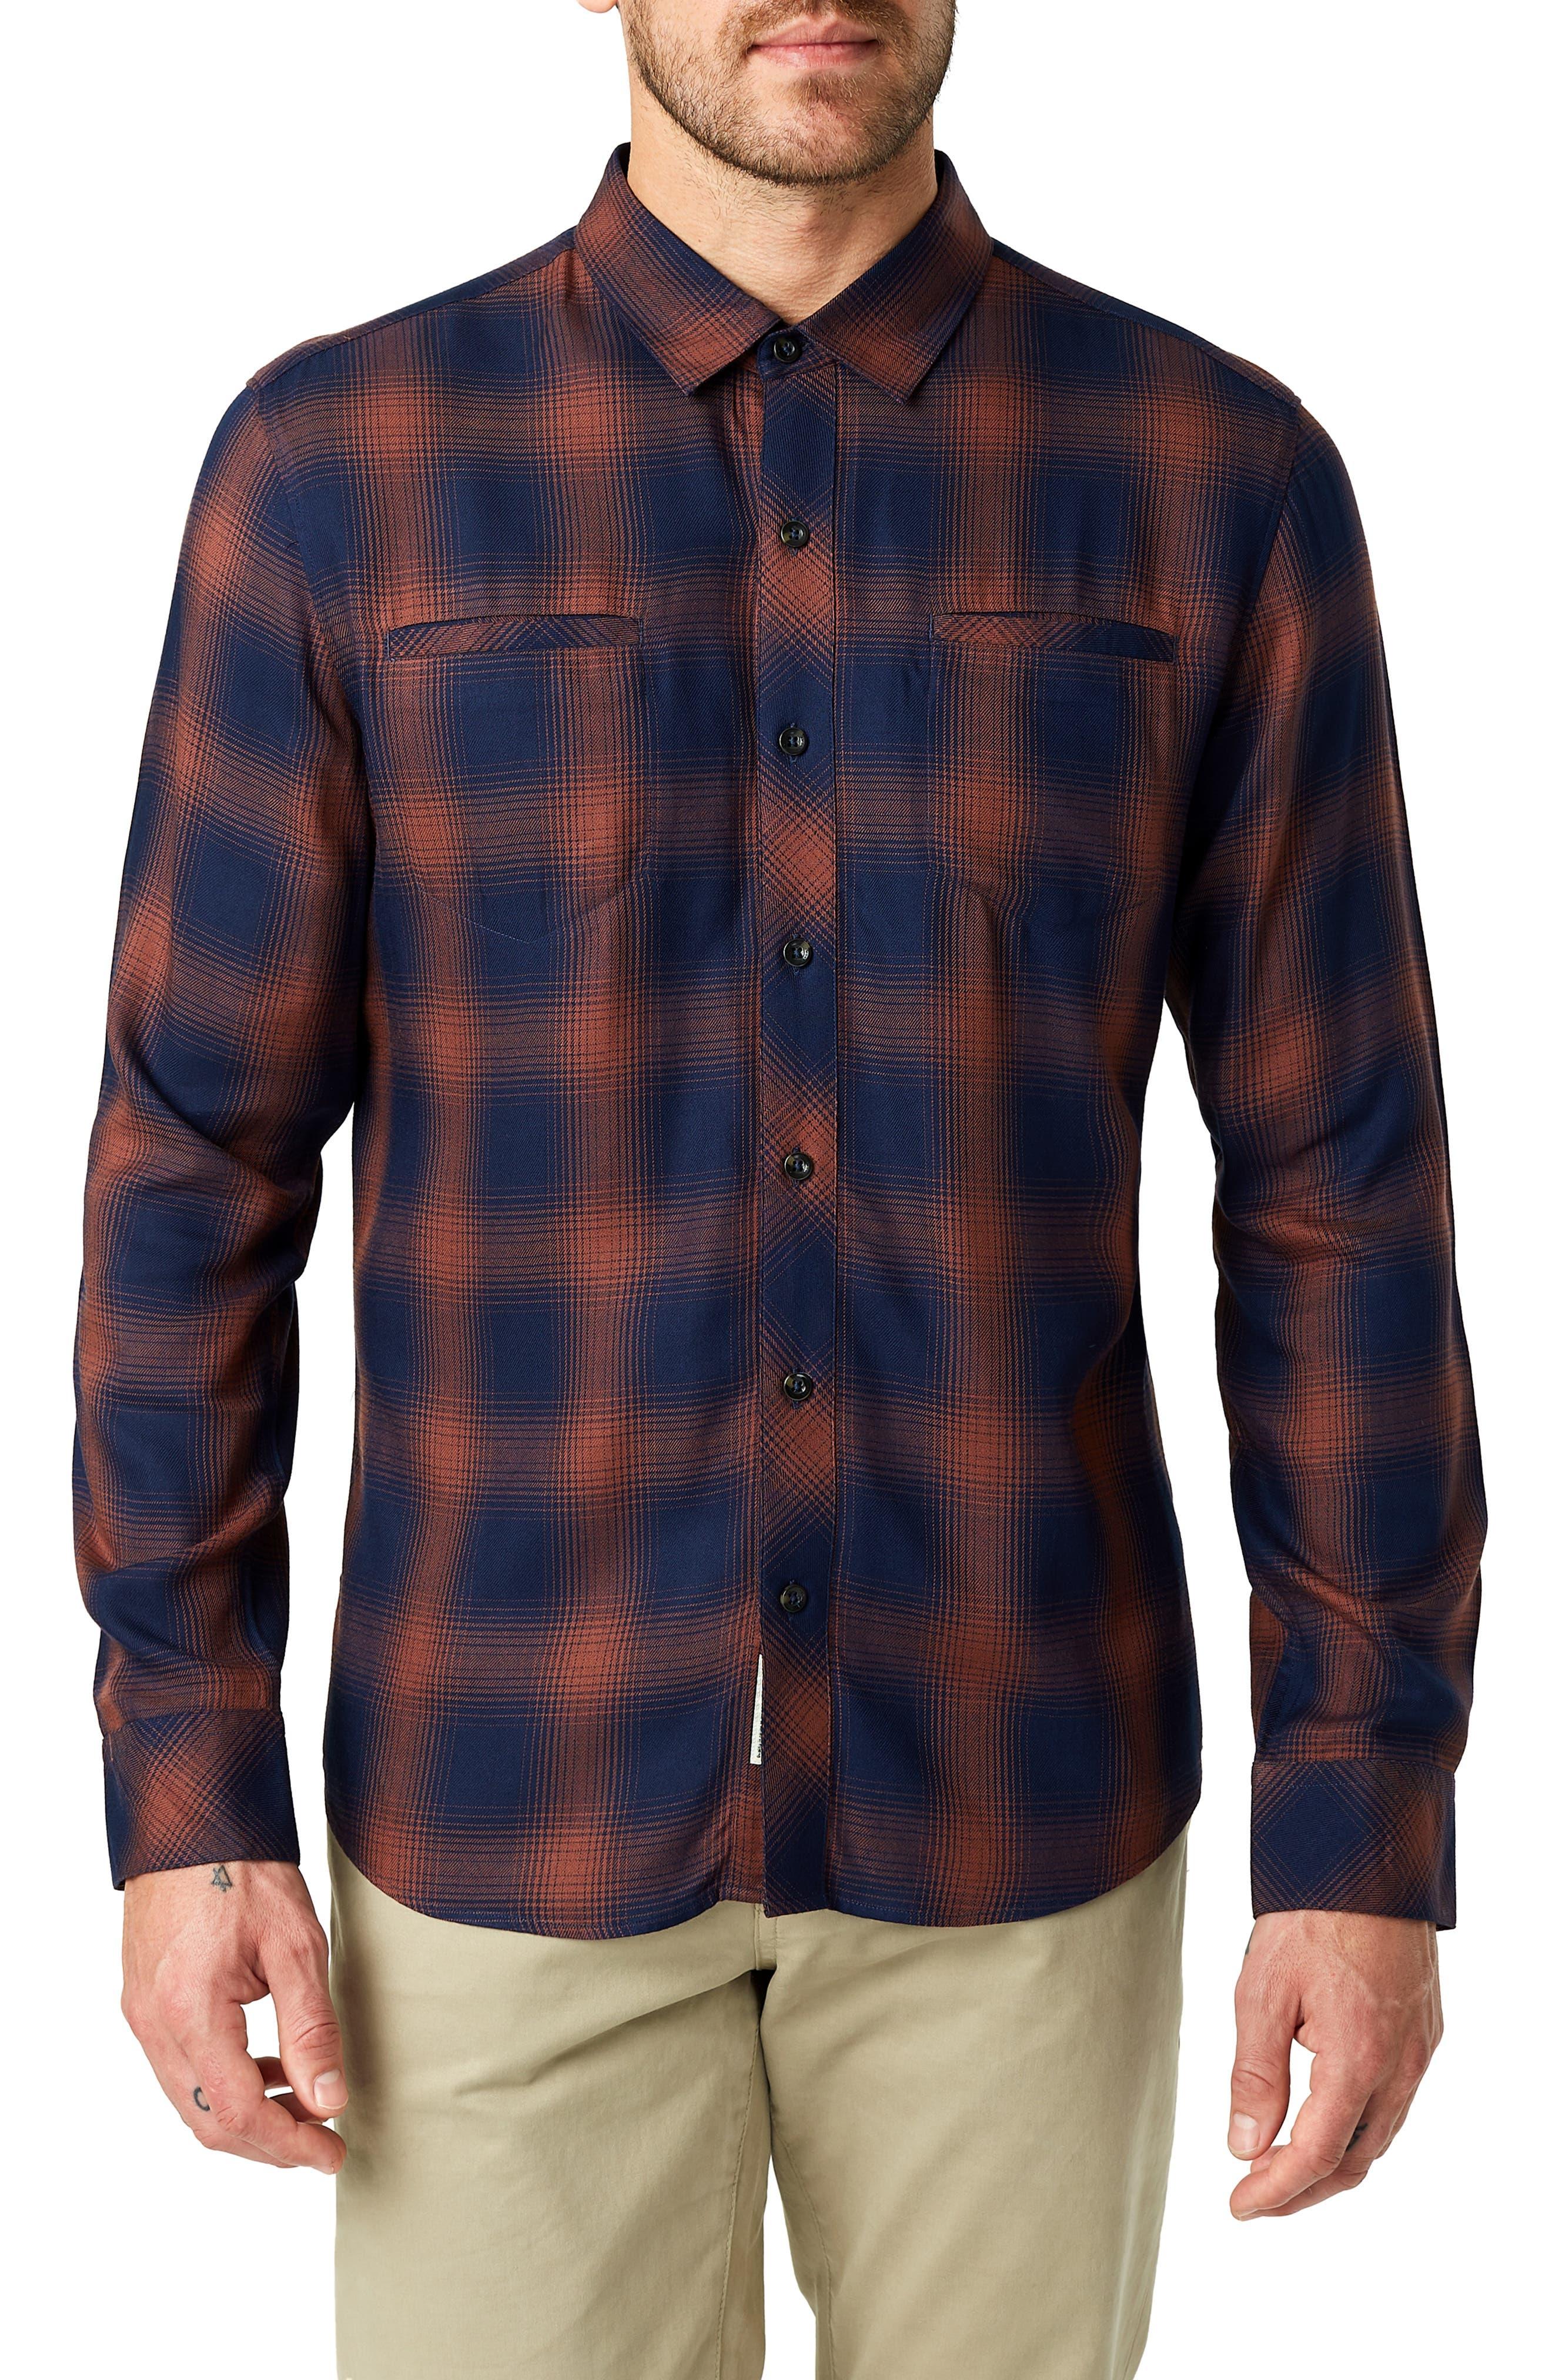 Ewan Trim Fit Flannel Shirt,                             Main thumbnail 1, color,                             NAVY CHESTNUT